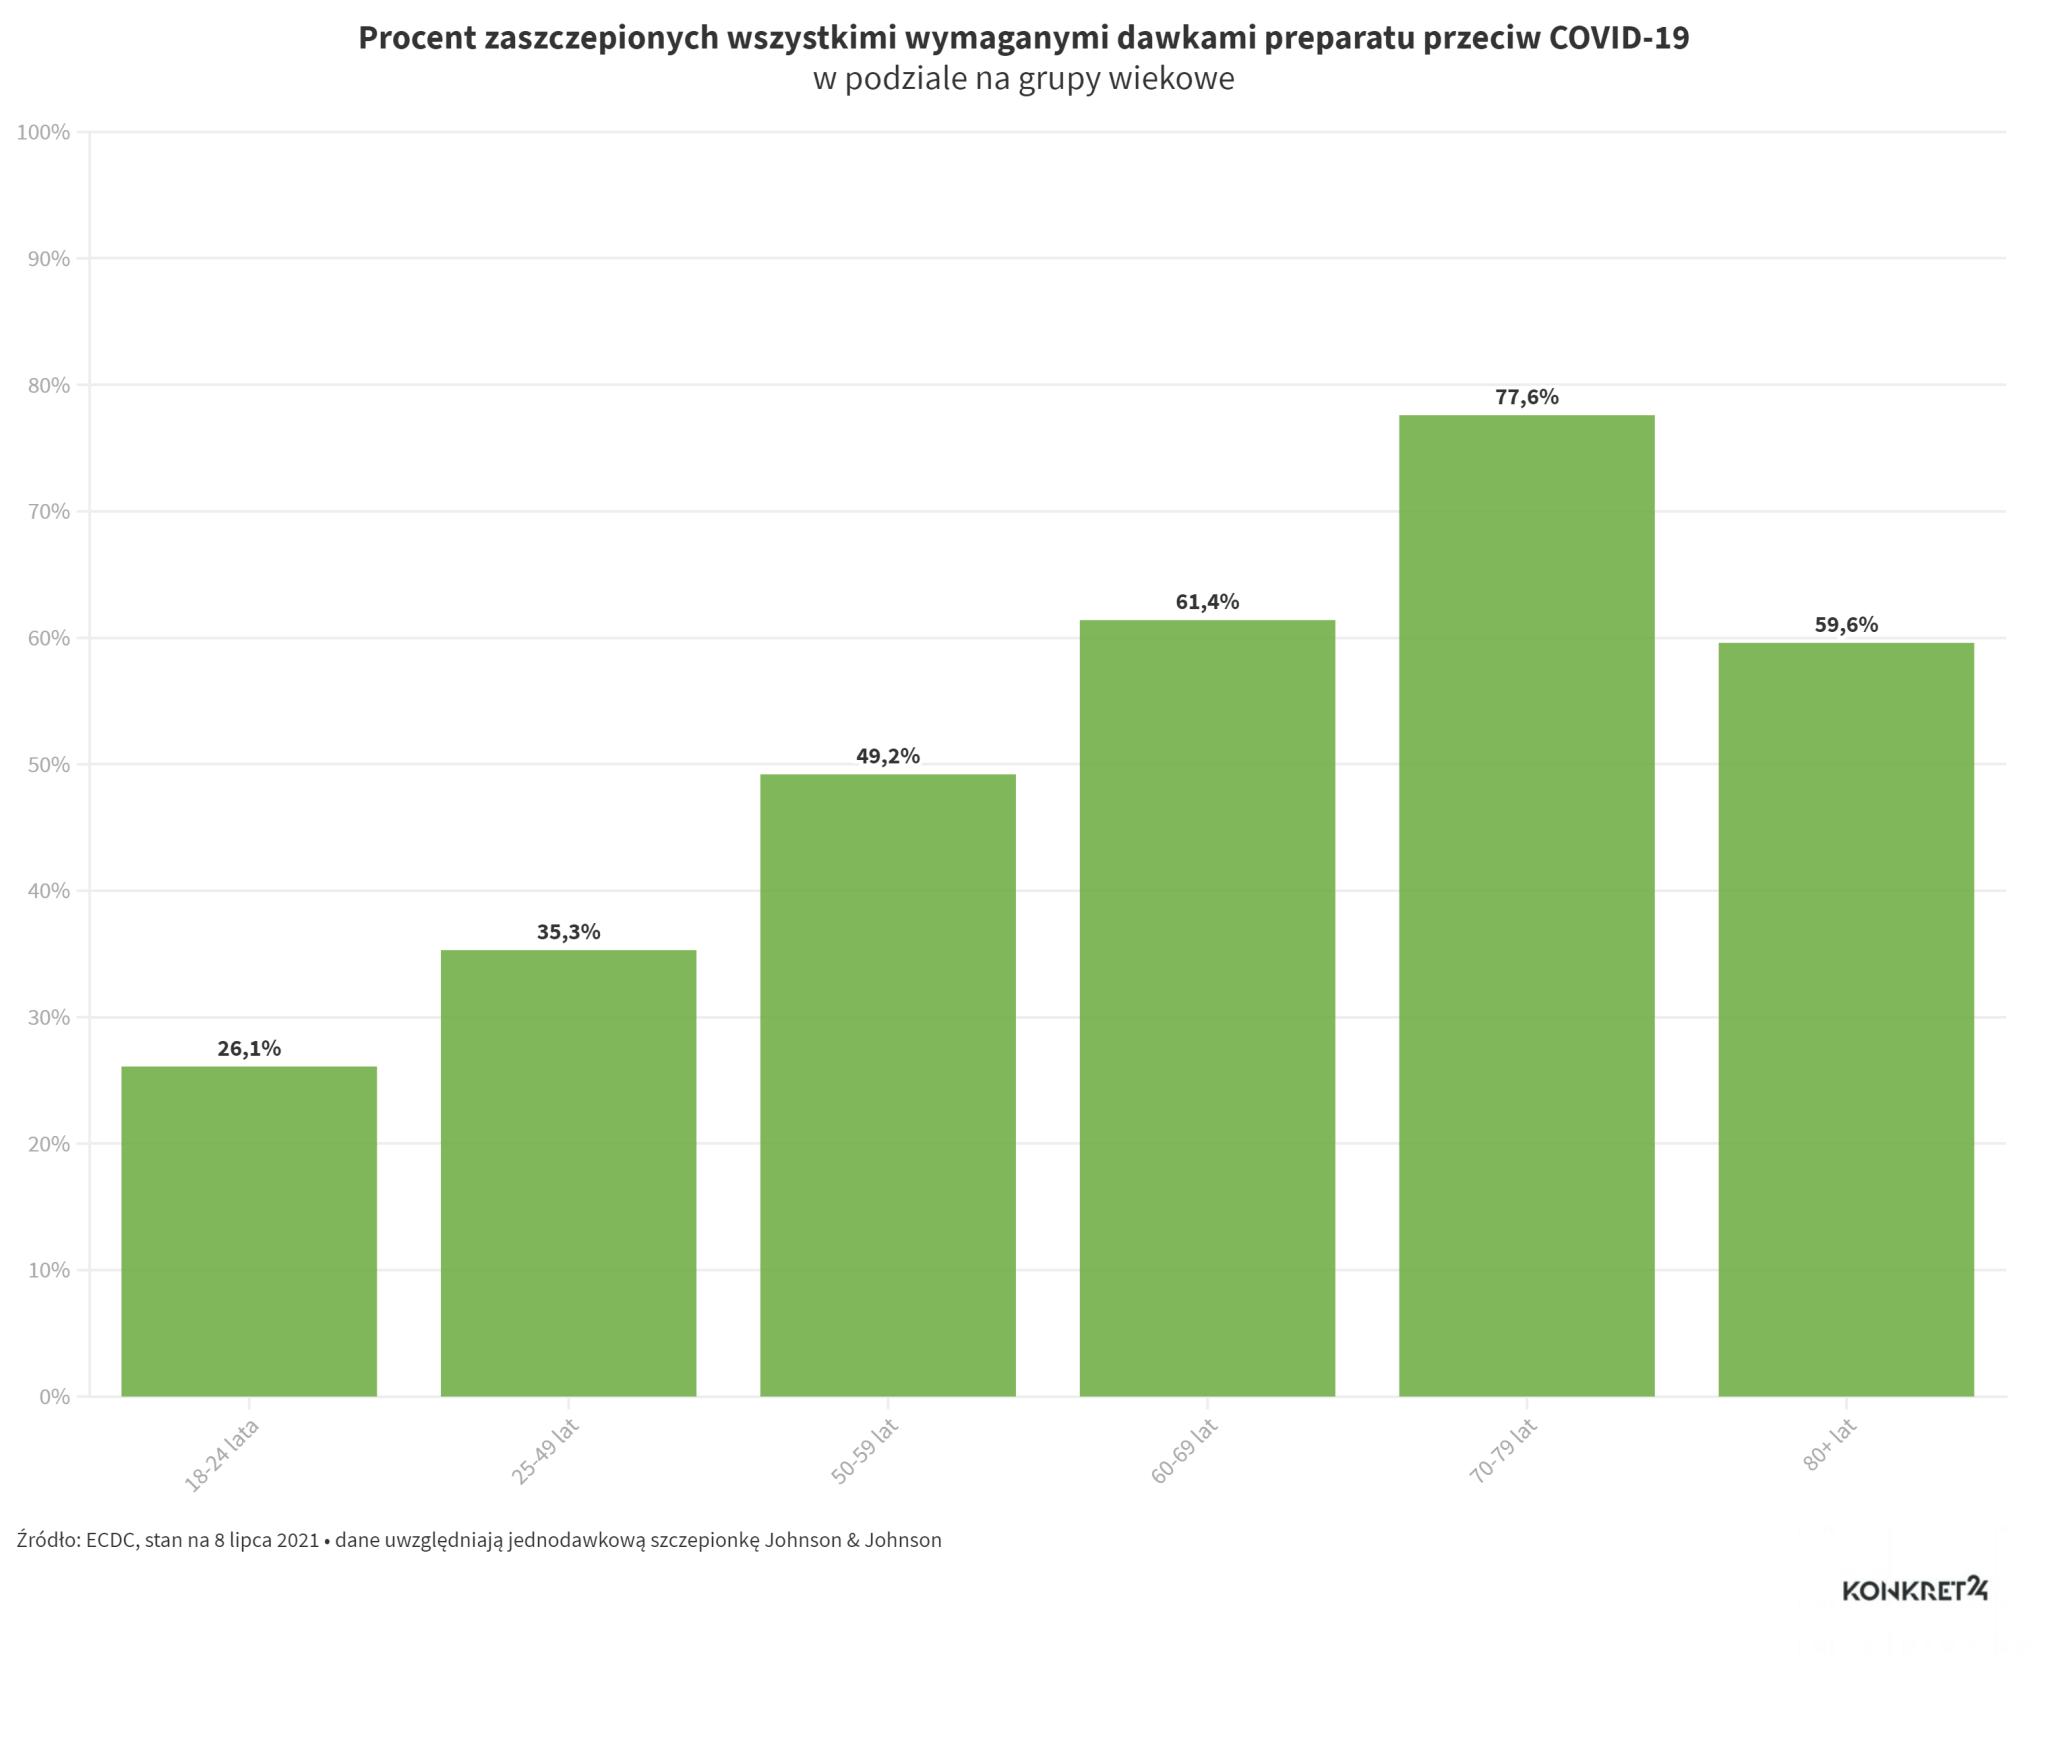 Procent zaszczepionych wszystkimi wymaganymi dawkami preparatu przeciw COVID-19 w poszczególnych grupach wiekowych w Polsce, stan na 8 lipca 2021 roku